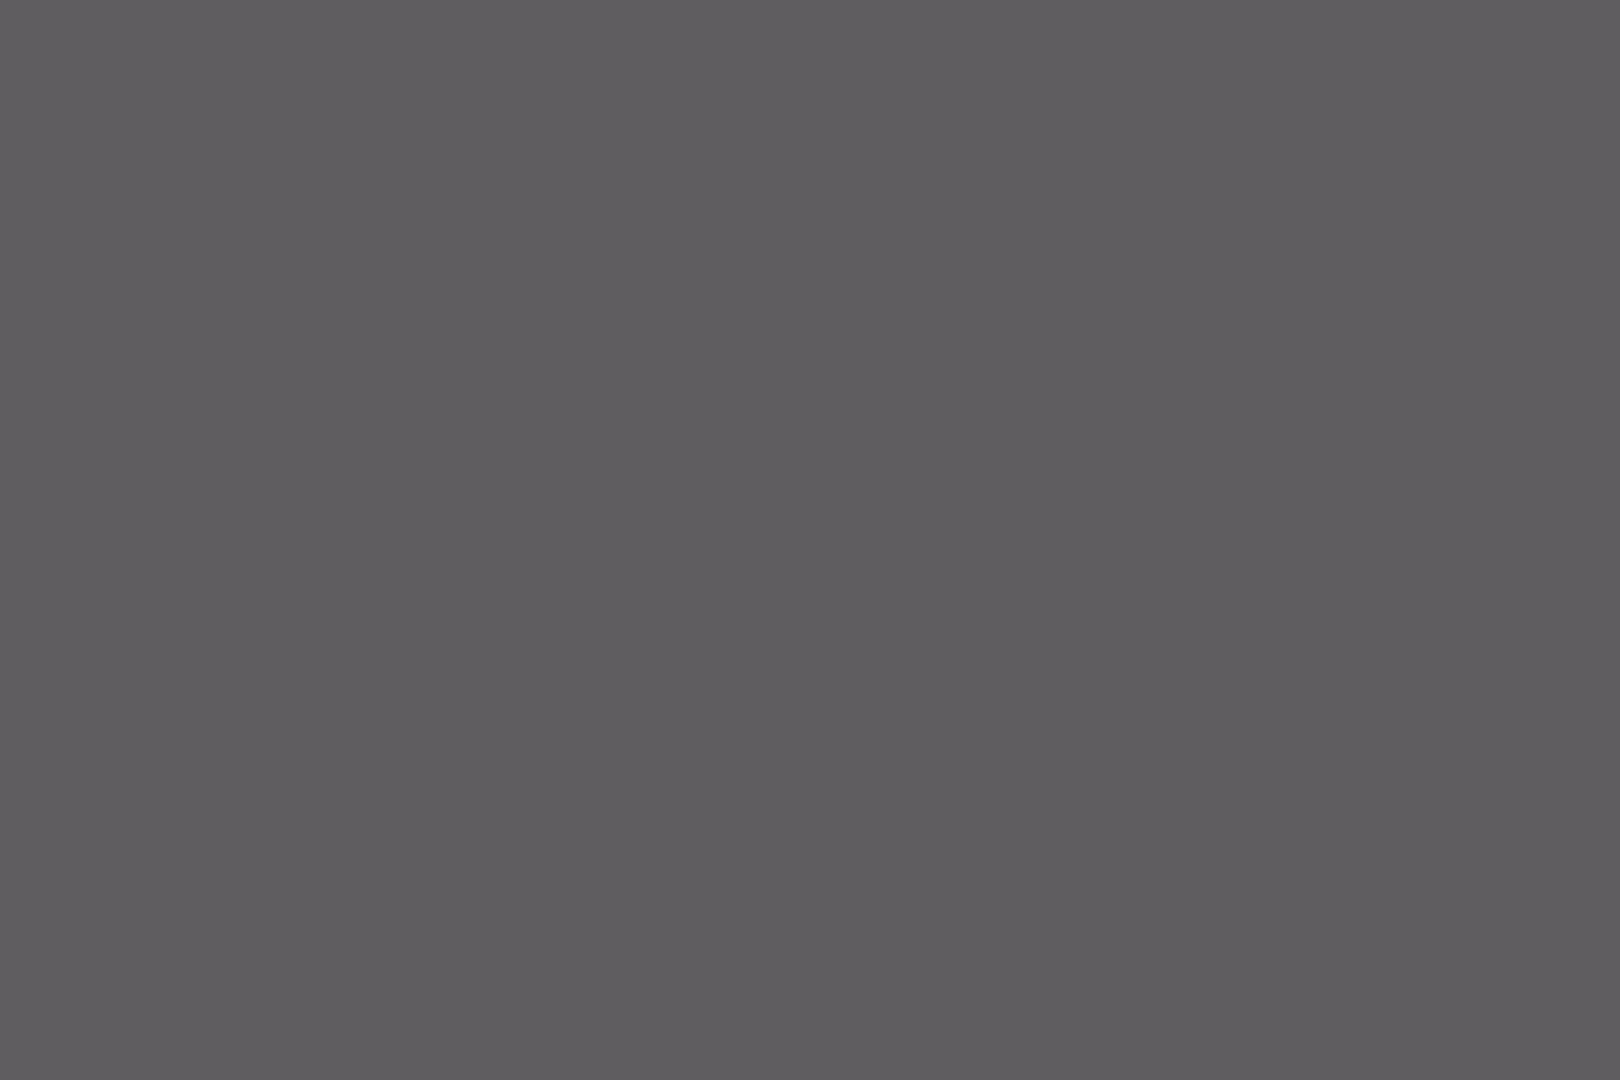 充血監督の深夜の運動会Vol.8 おっぱい エロ画像 50連発 44